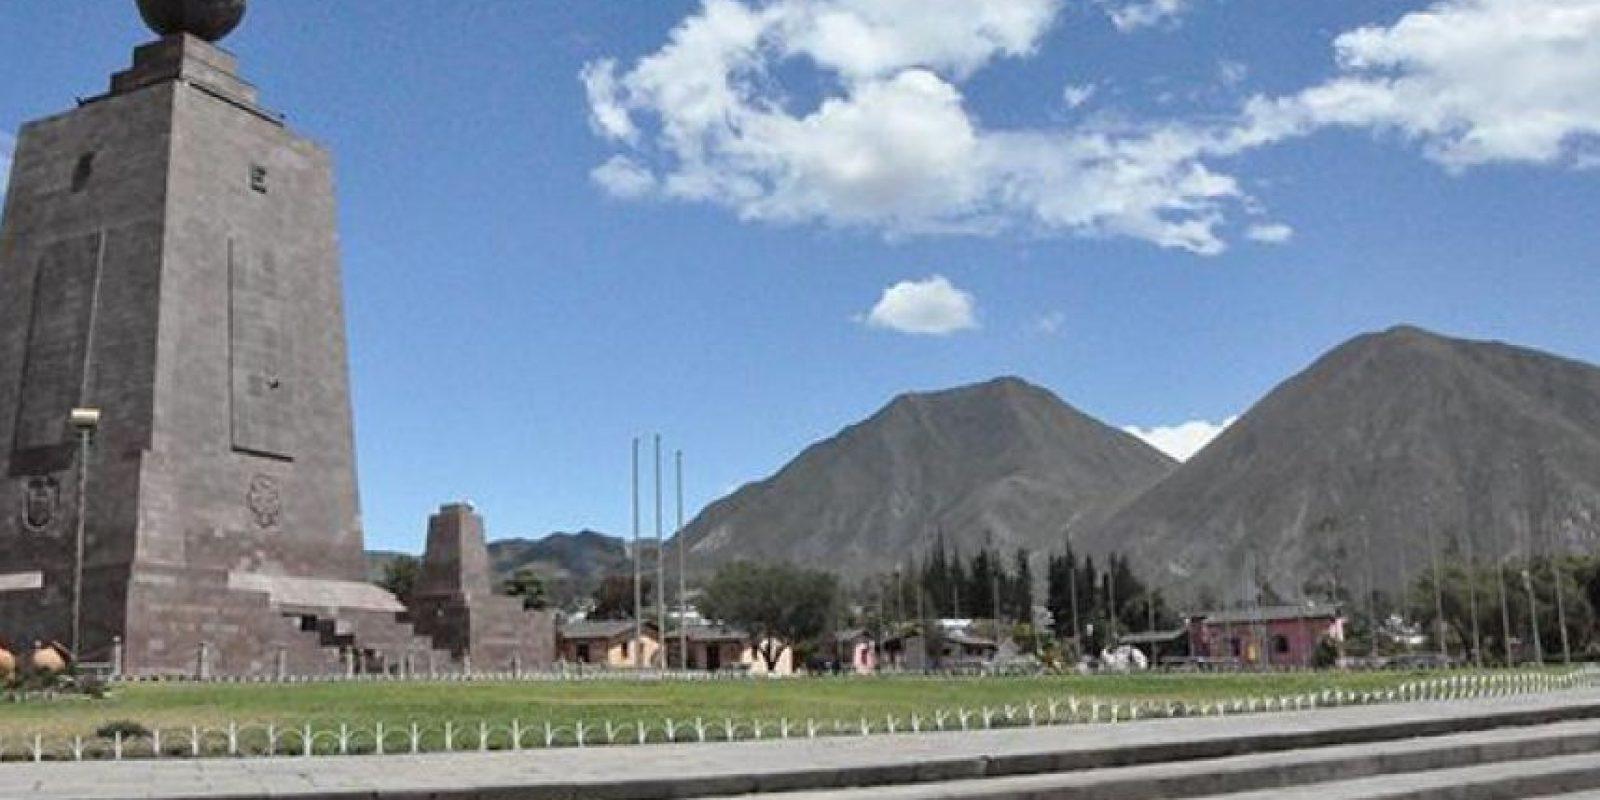 Monumento ciudad del mundo se construyó en honor a la misión Geodésica francesa que determino que este era el punto de la latitud 0°0'-0'' Foto:Vía quito.com.ec